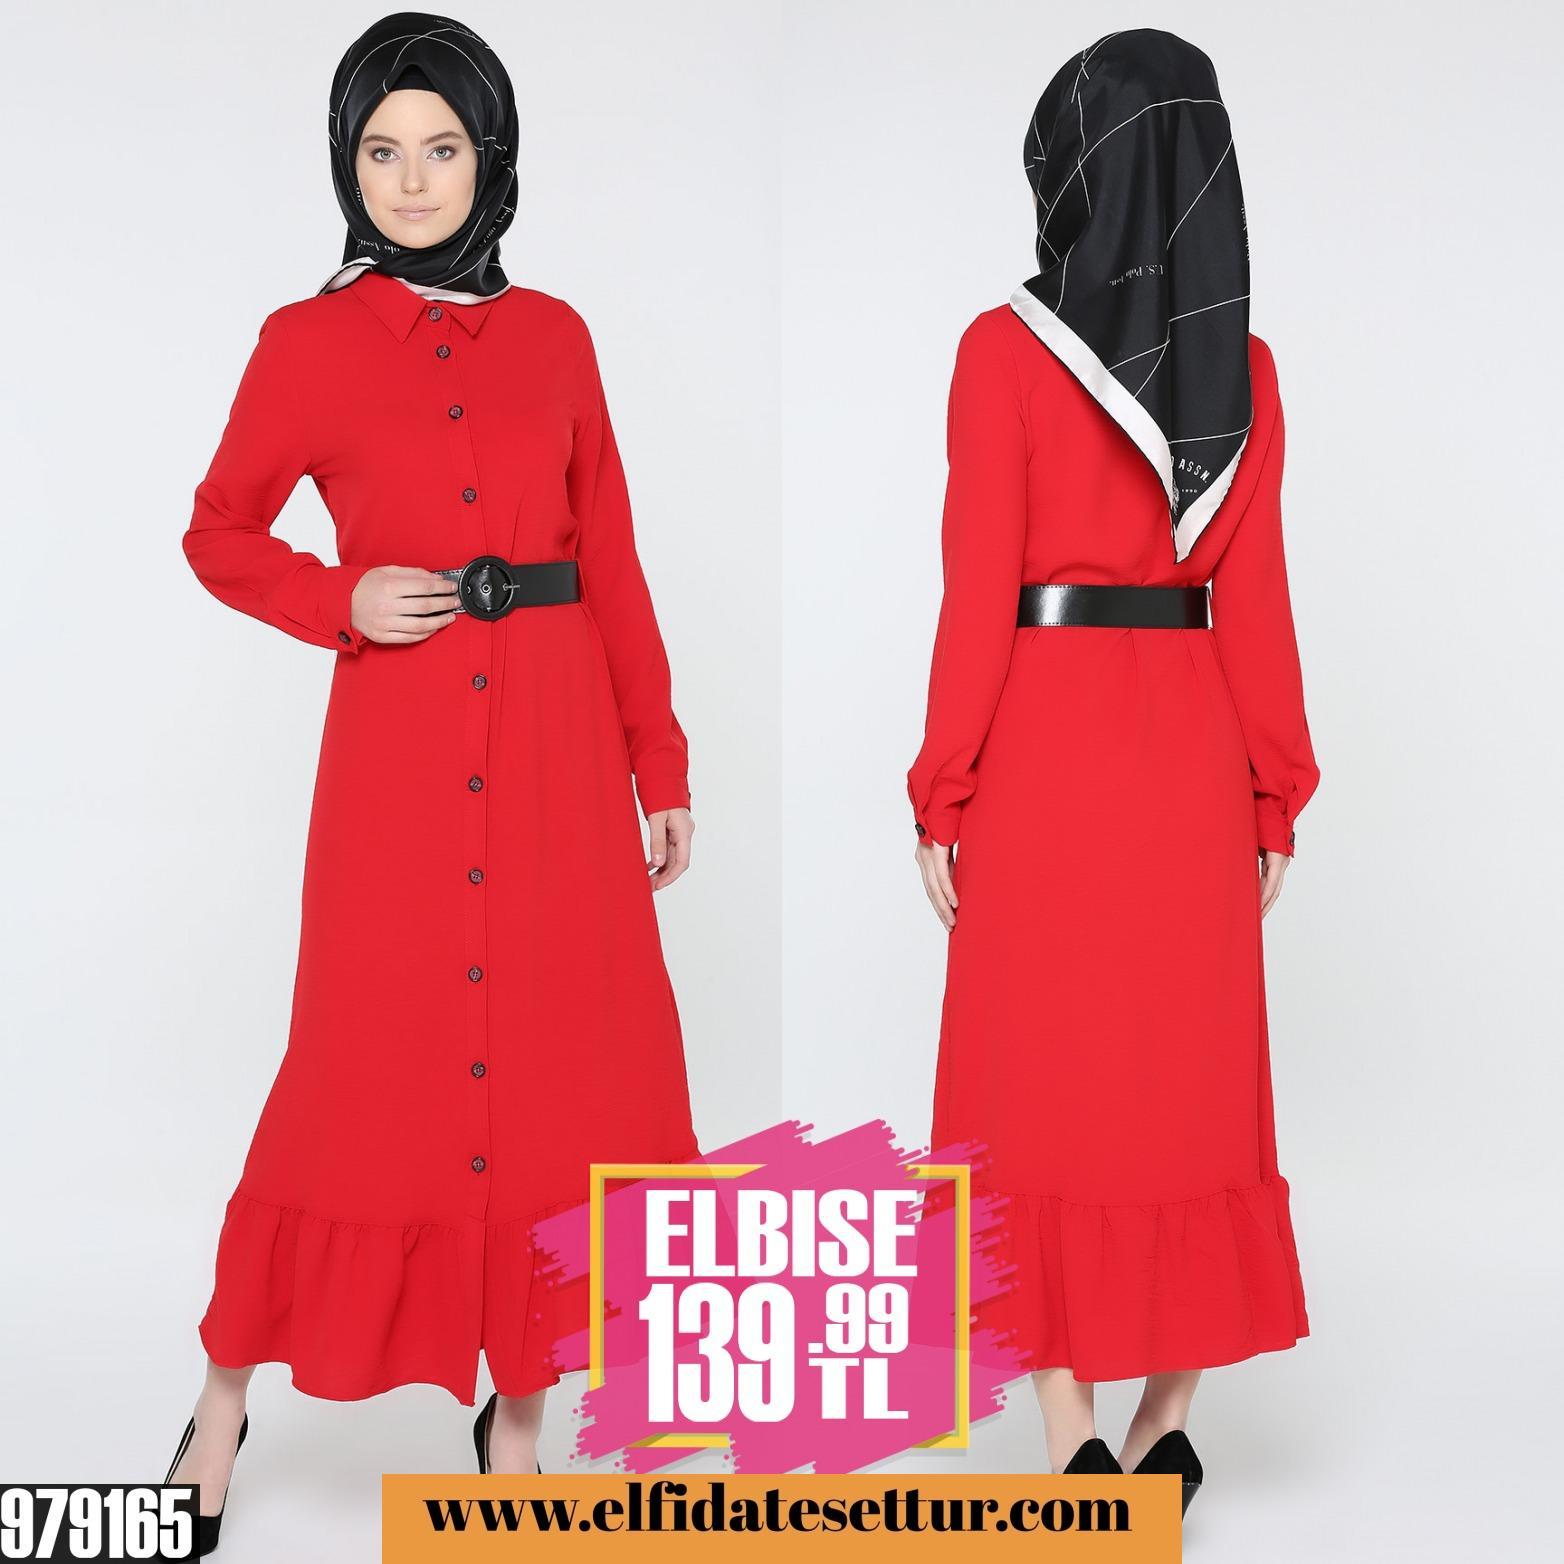 7d0109c5cafc1 Düğmeli kemerli koton elbise - Kadın Giyim tesettür tunik etek kazak hırka  mont Kombin Kapıda Ödeme